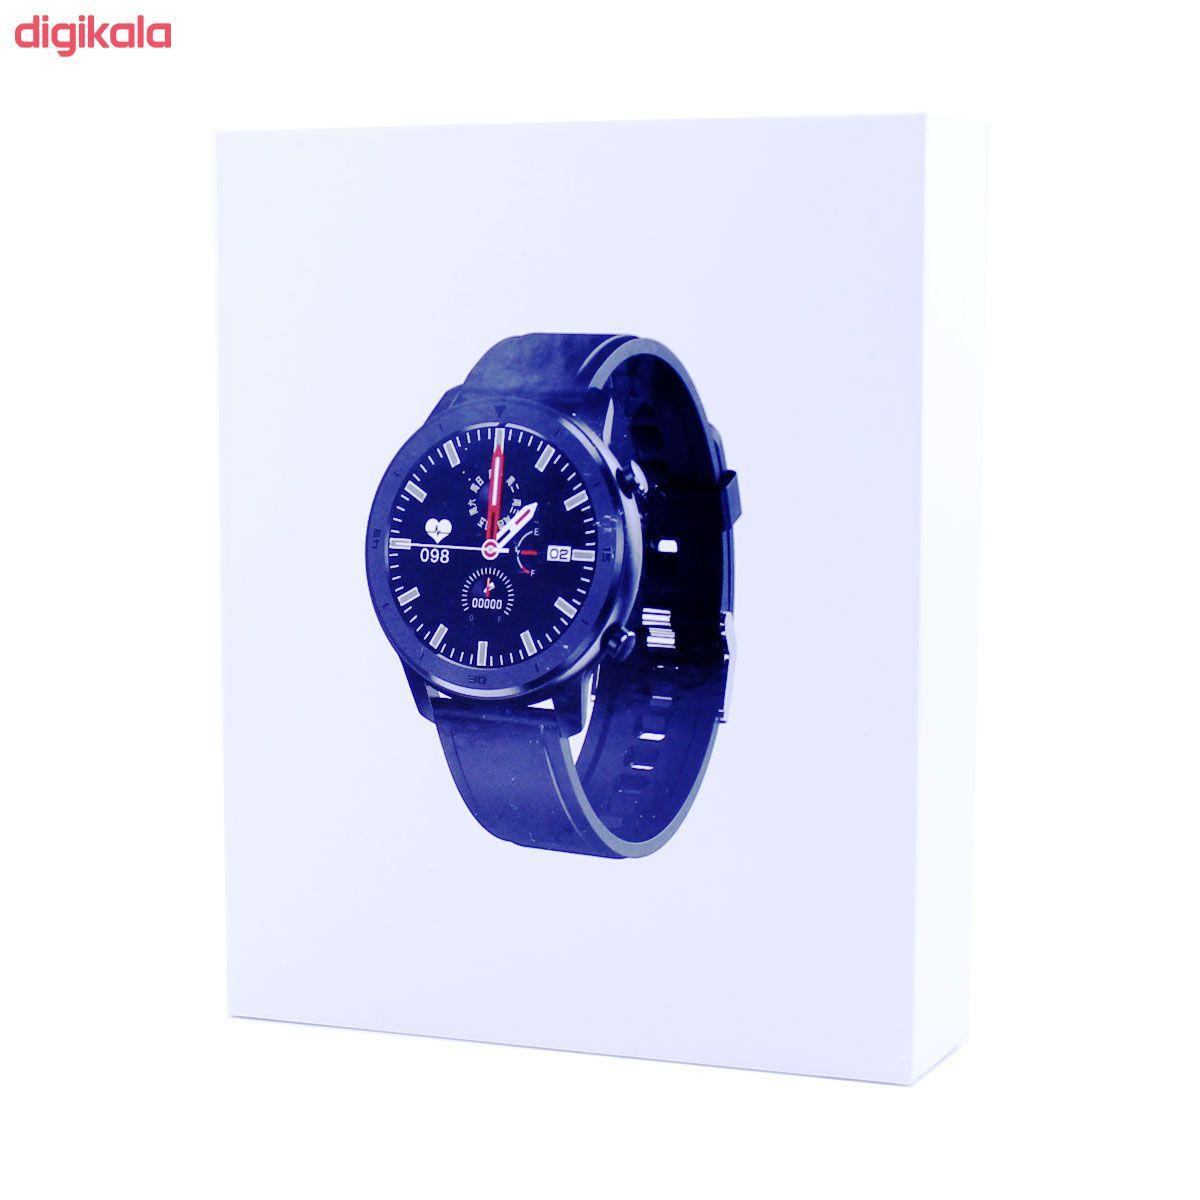 ساعت هوشمند دی تی نامبر وان مدل DT78 main 1 21